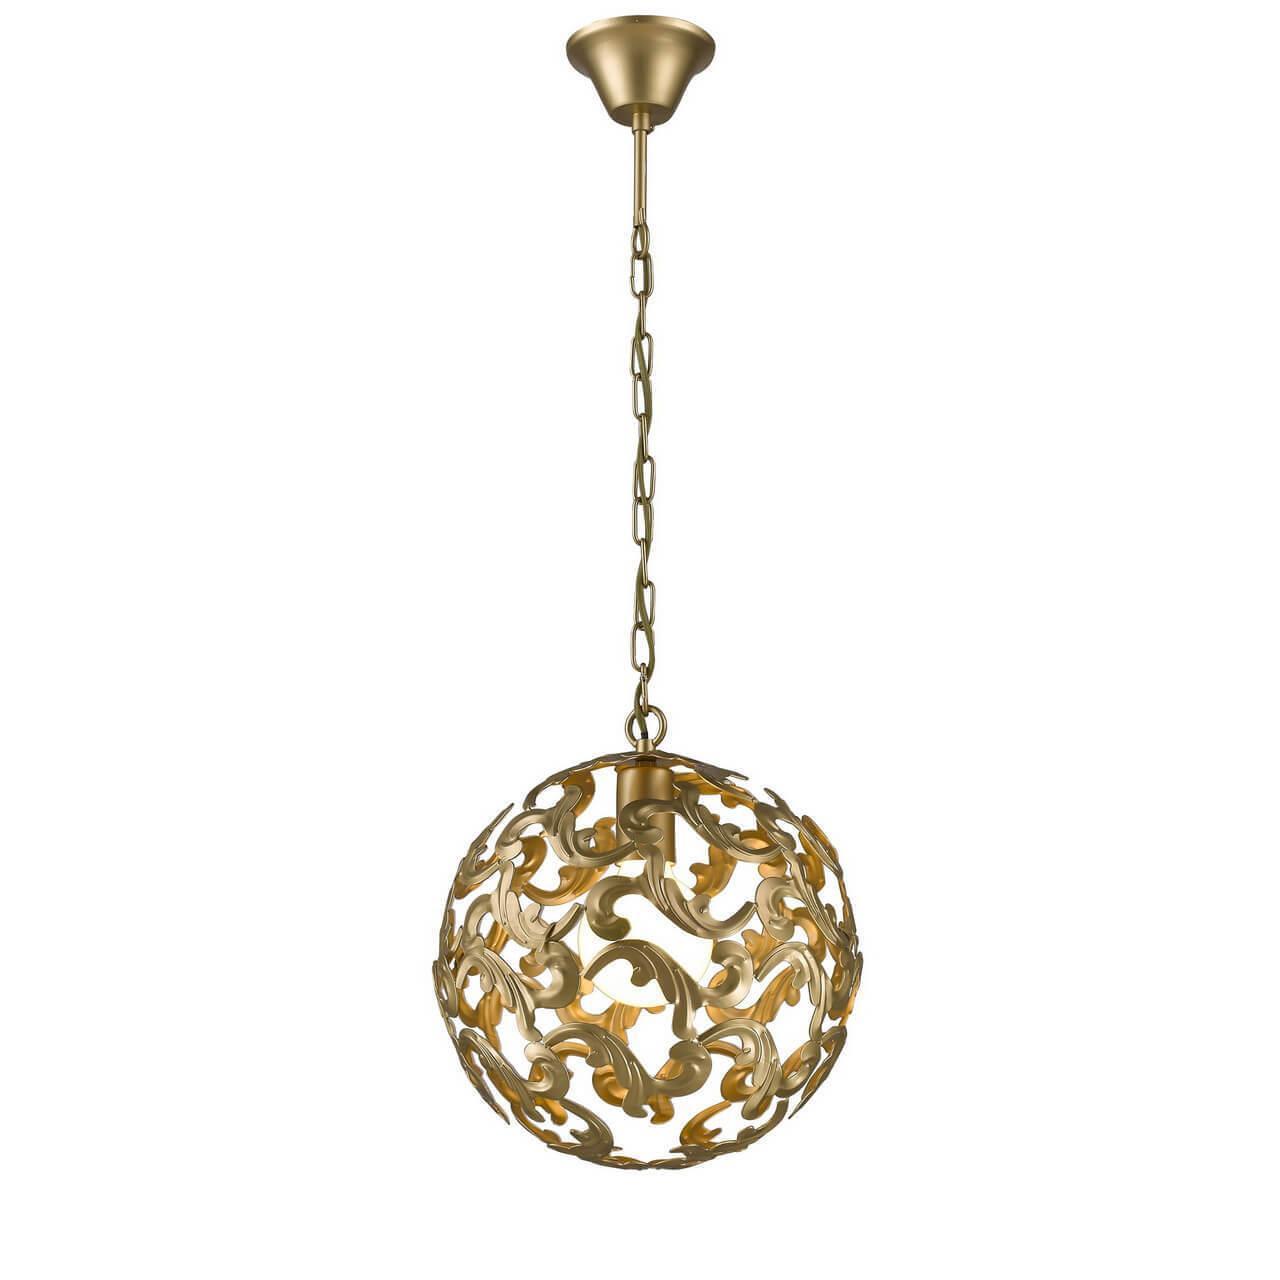 цена на Подвесной светильник Favourite 1469-1P, E27, 60 Вт